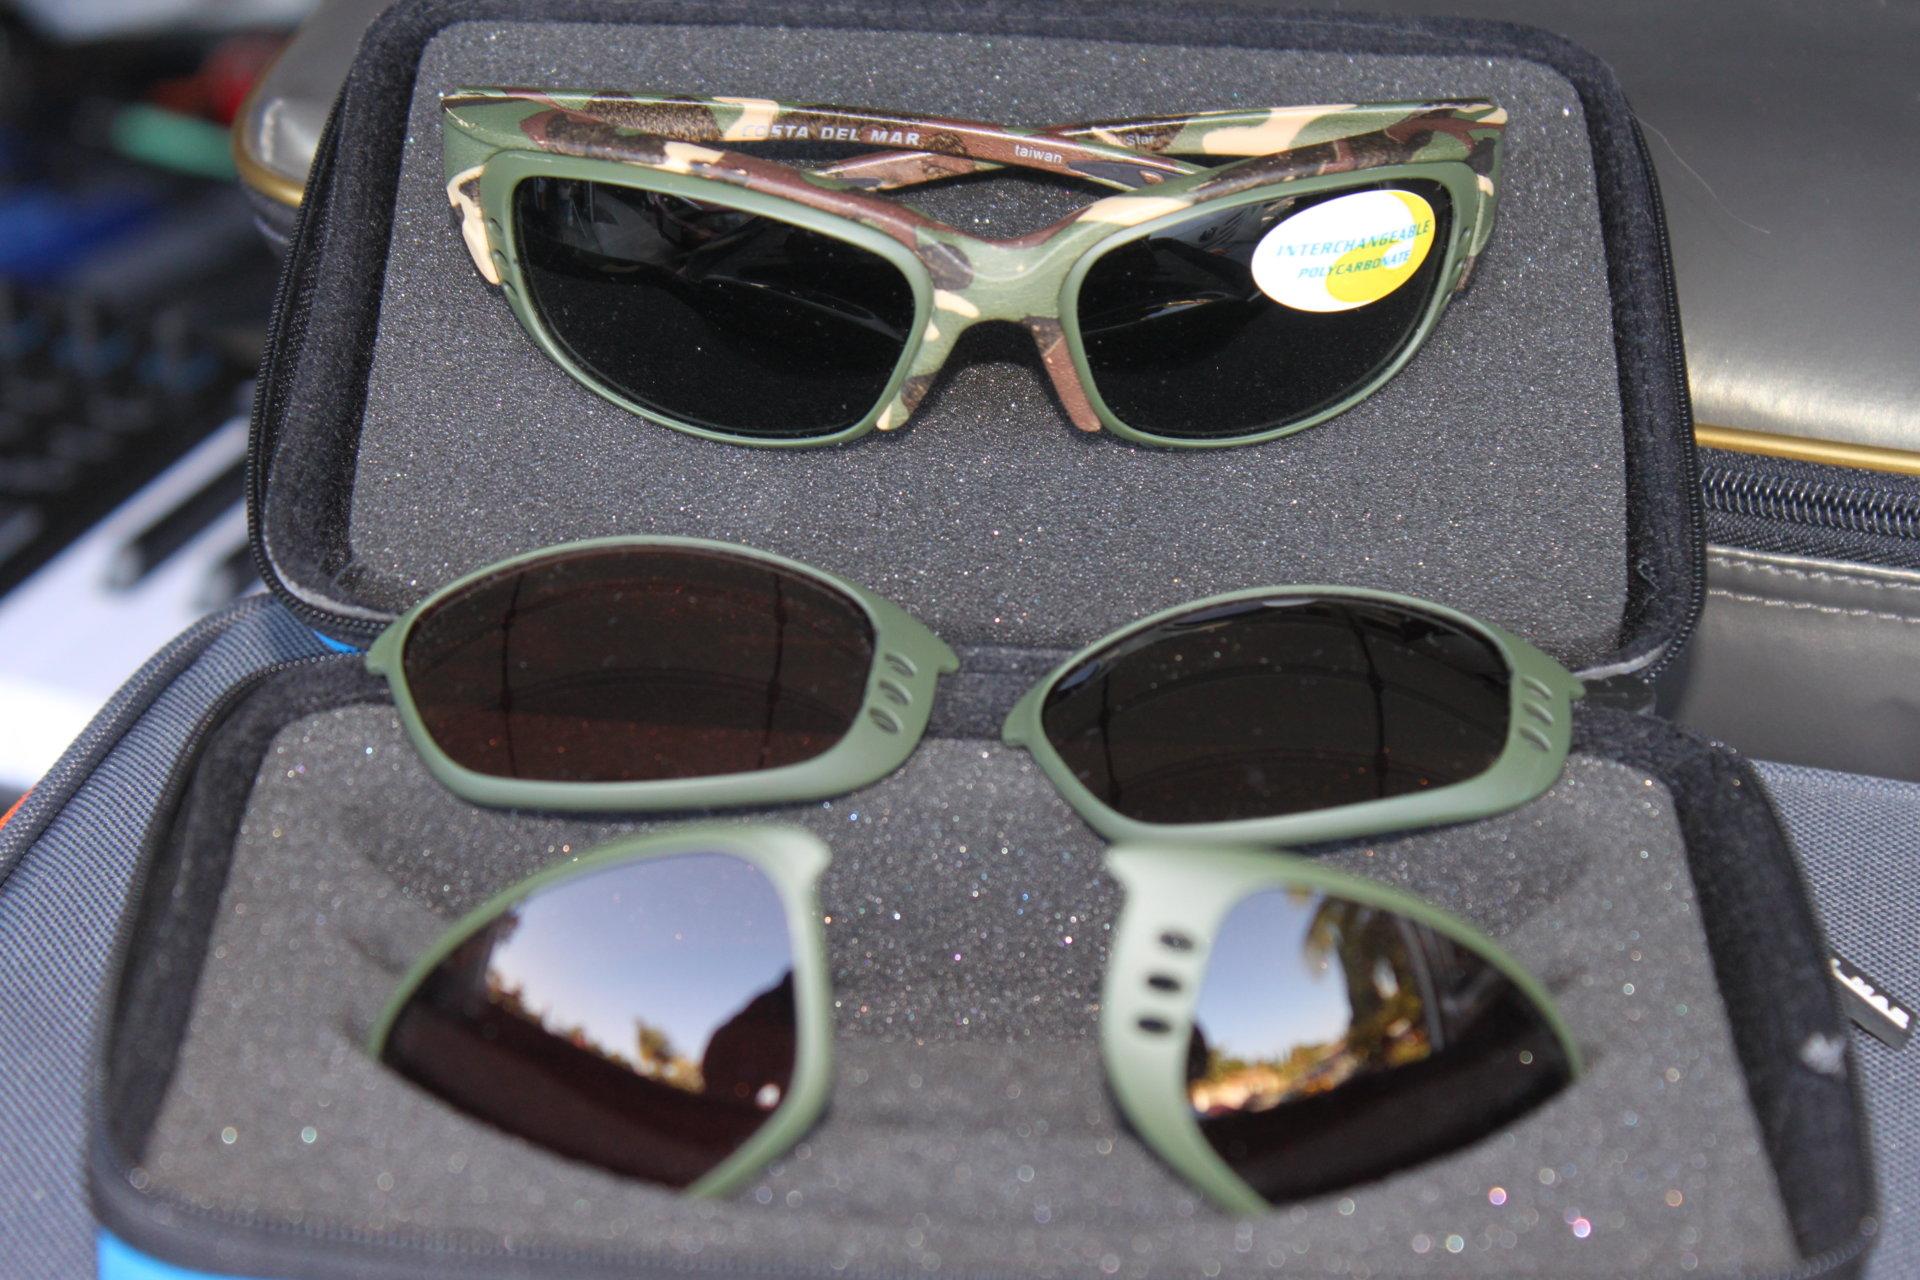 562ebb9a3f Costa del Mar Tropic Star Polarized Model TS2301 Camouflage Frame w ...